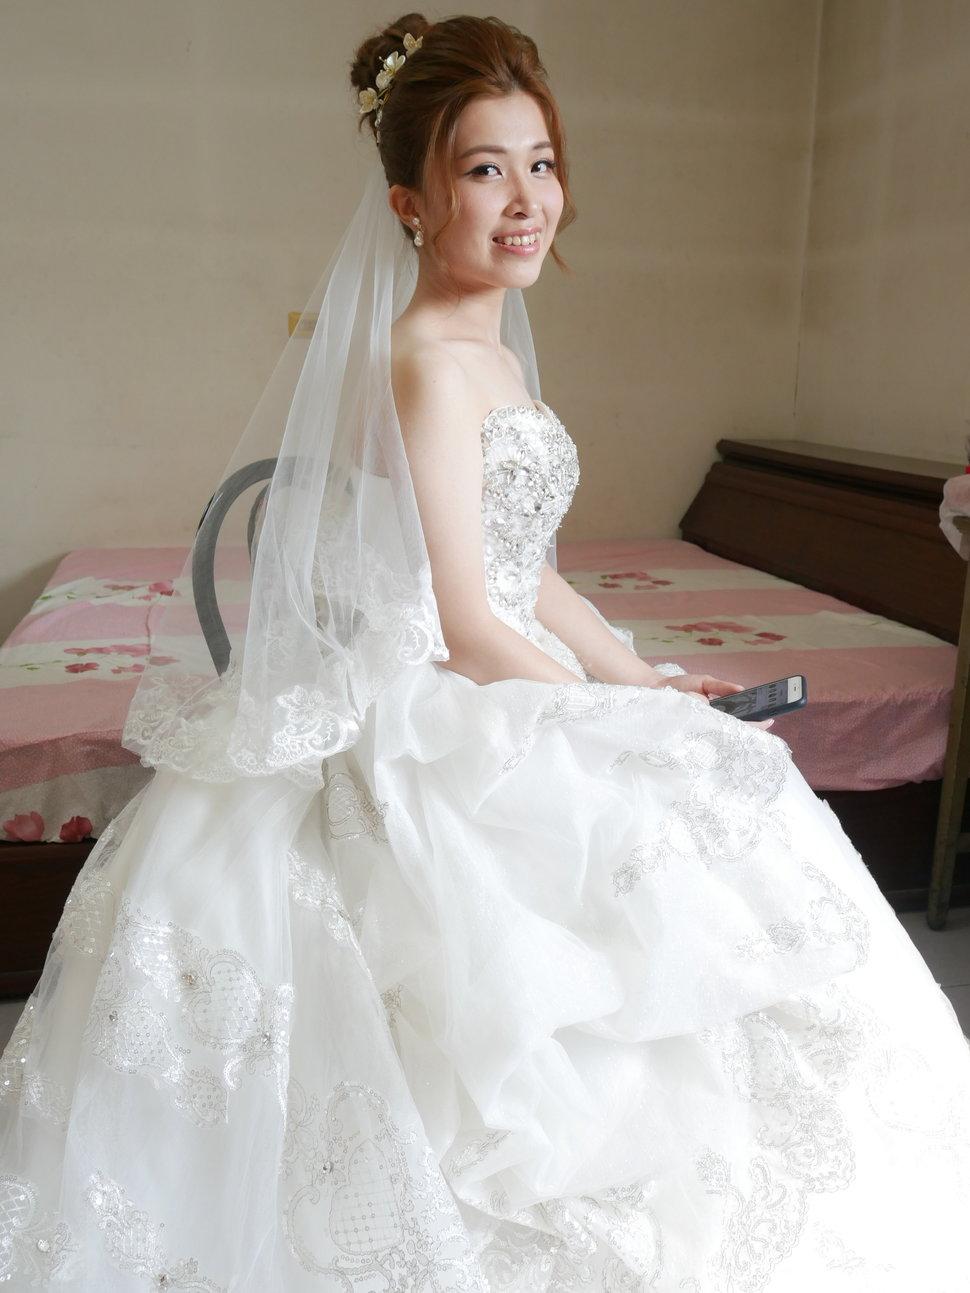 B5EE0F34-7604-444B-9C3F-A160FA9461C0 - 台中高雄新娘秘書Ally Chen《結婚吧》